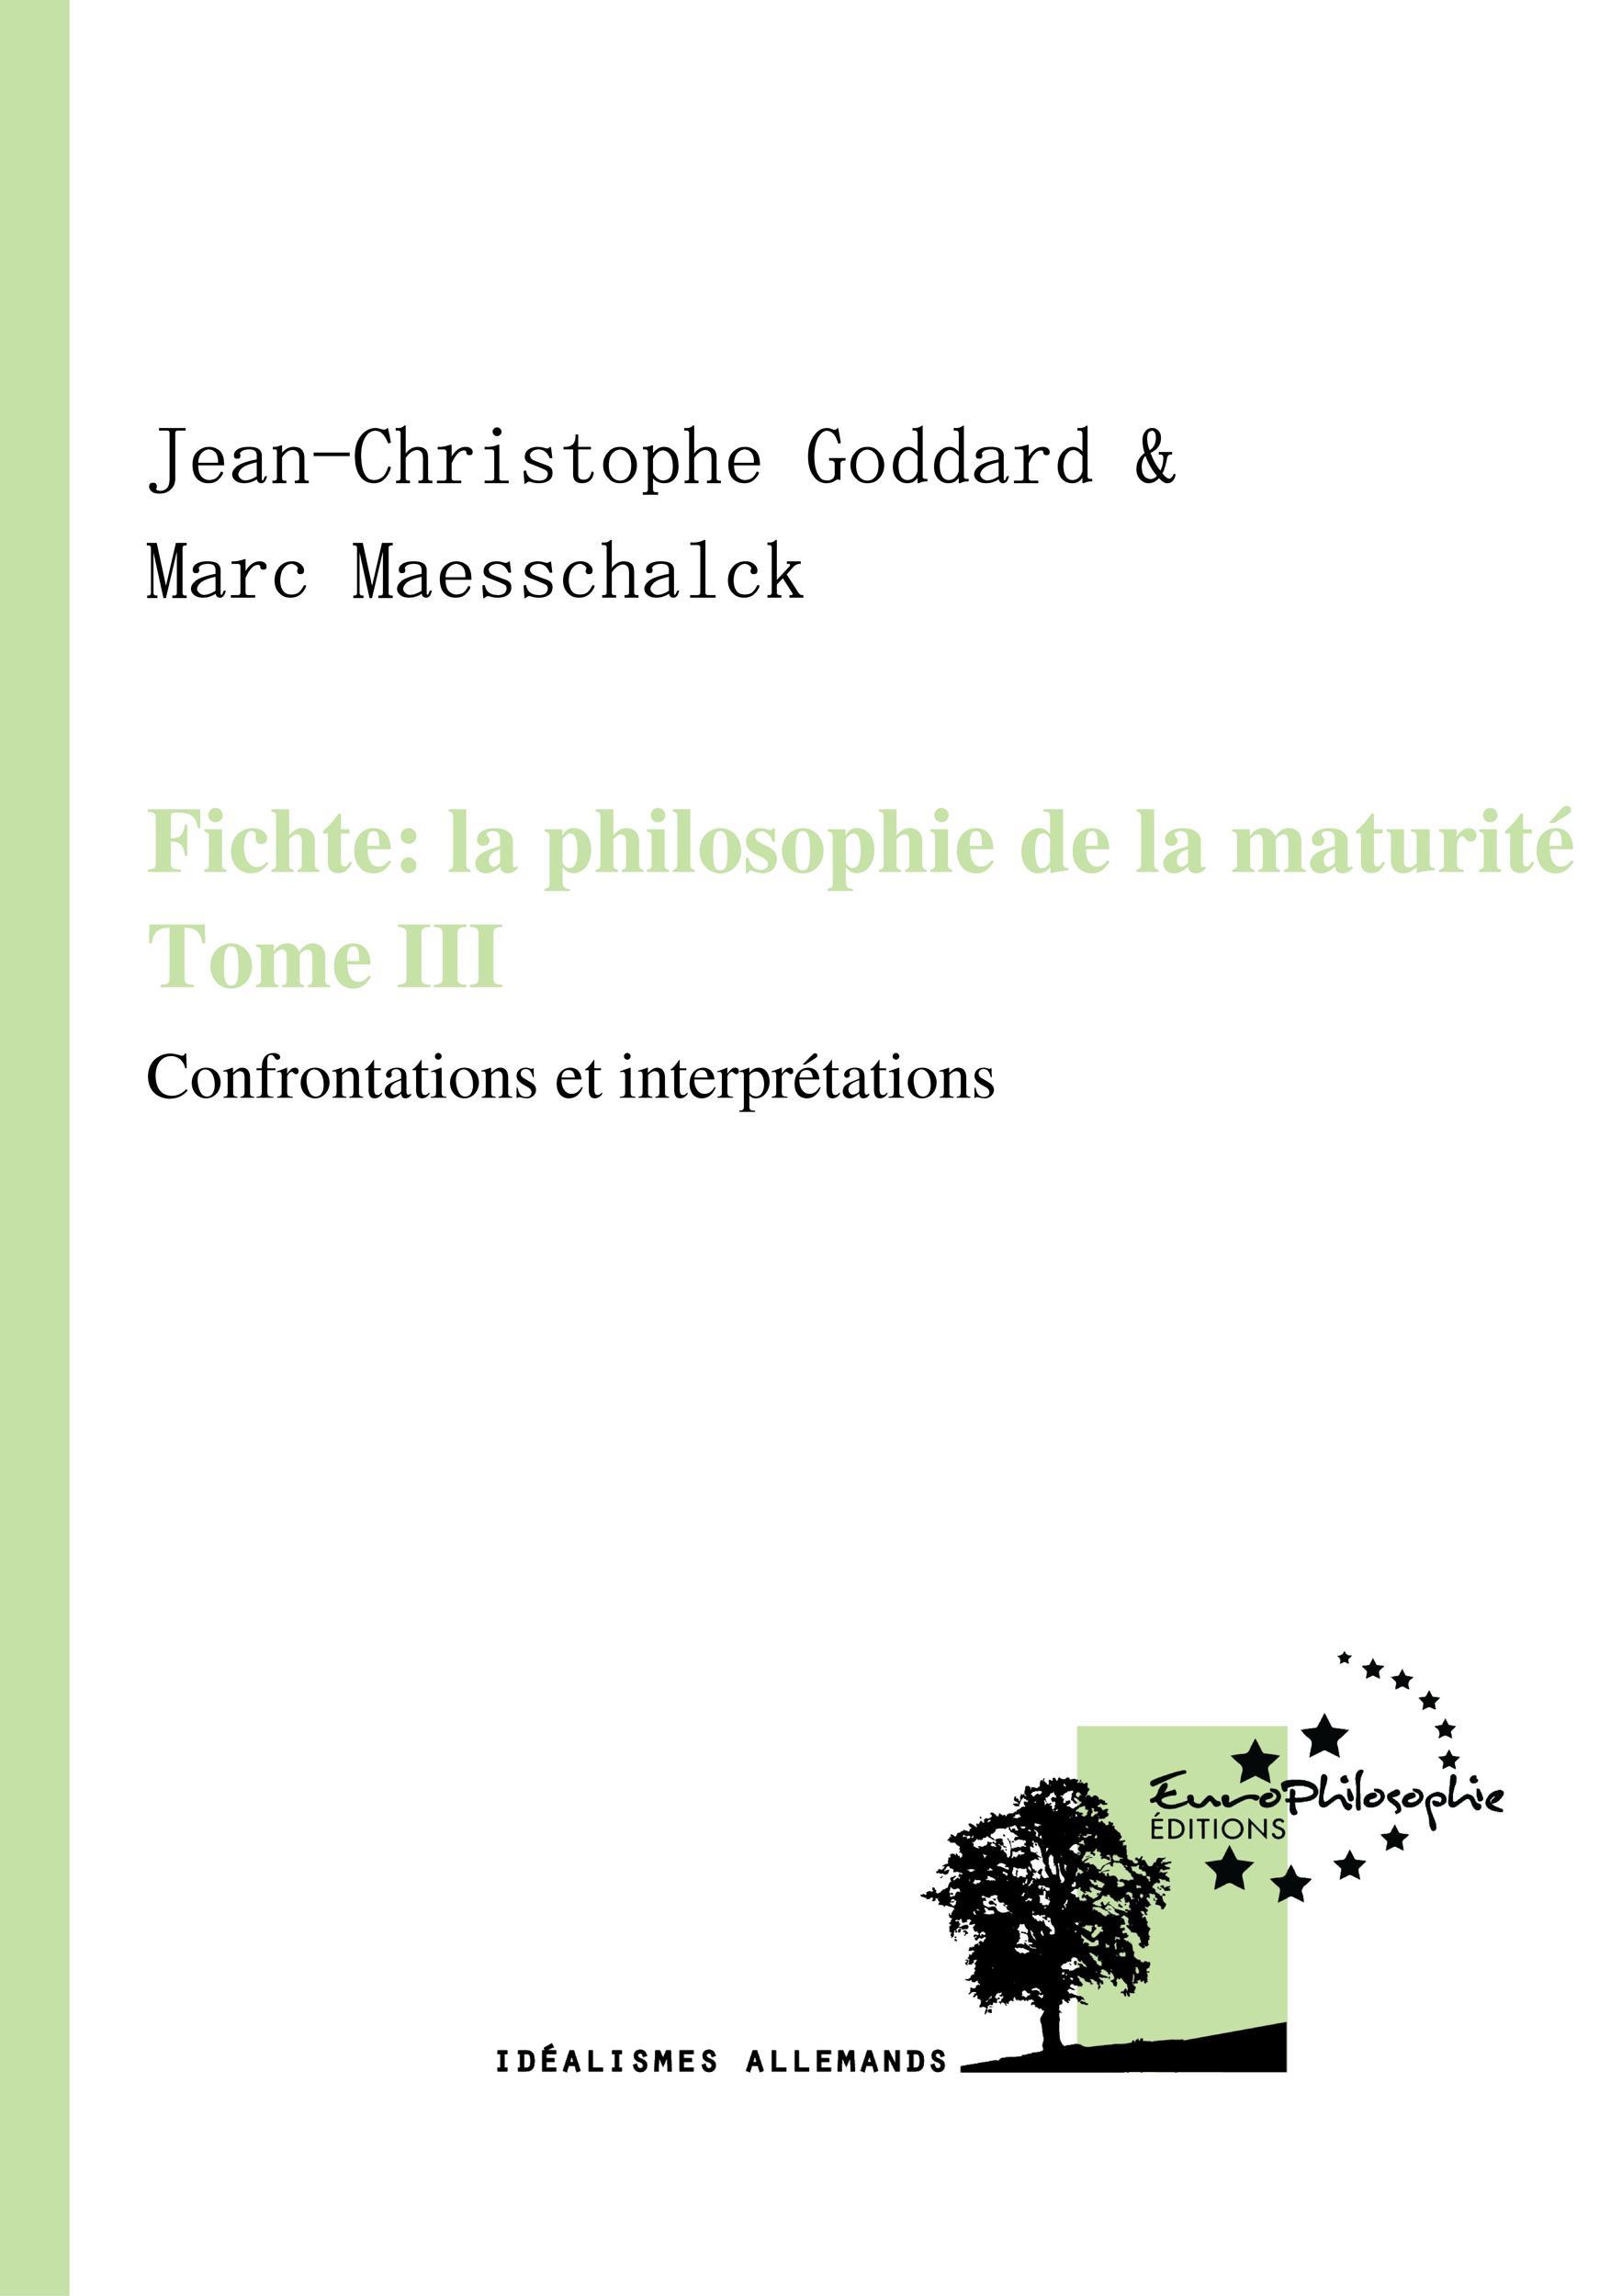 Fichte: la philosophie de la maturité. Tome III, CONFRONTATIONS ET INTERPRÉTATIONS